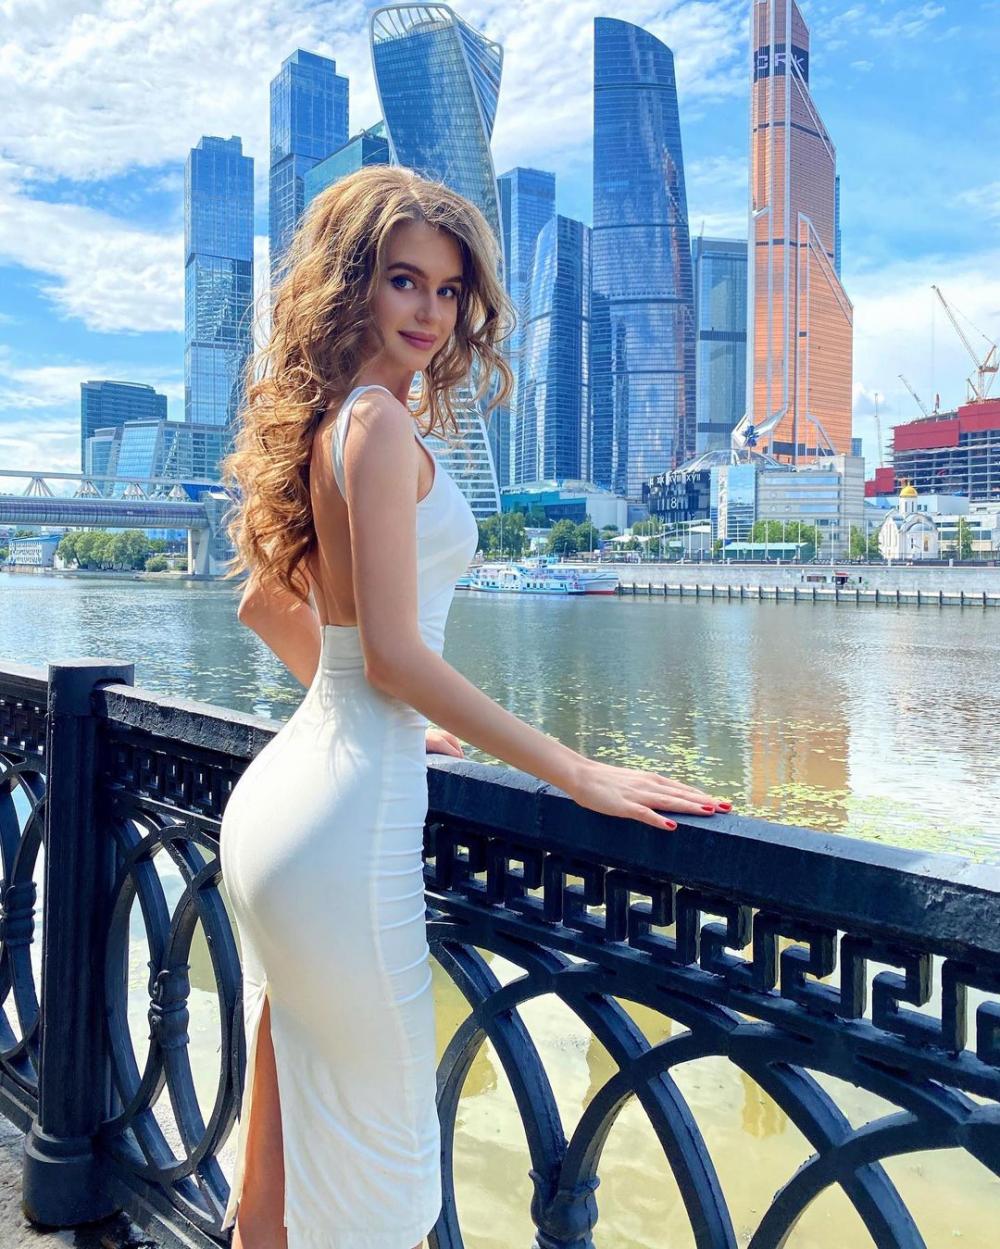 9 Pesona Alina Sanko, Miss Universe Russia 2020 yang Bak Barbie Hidup